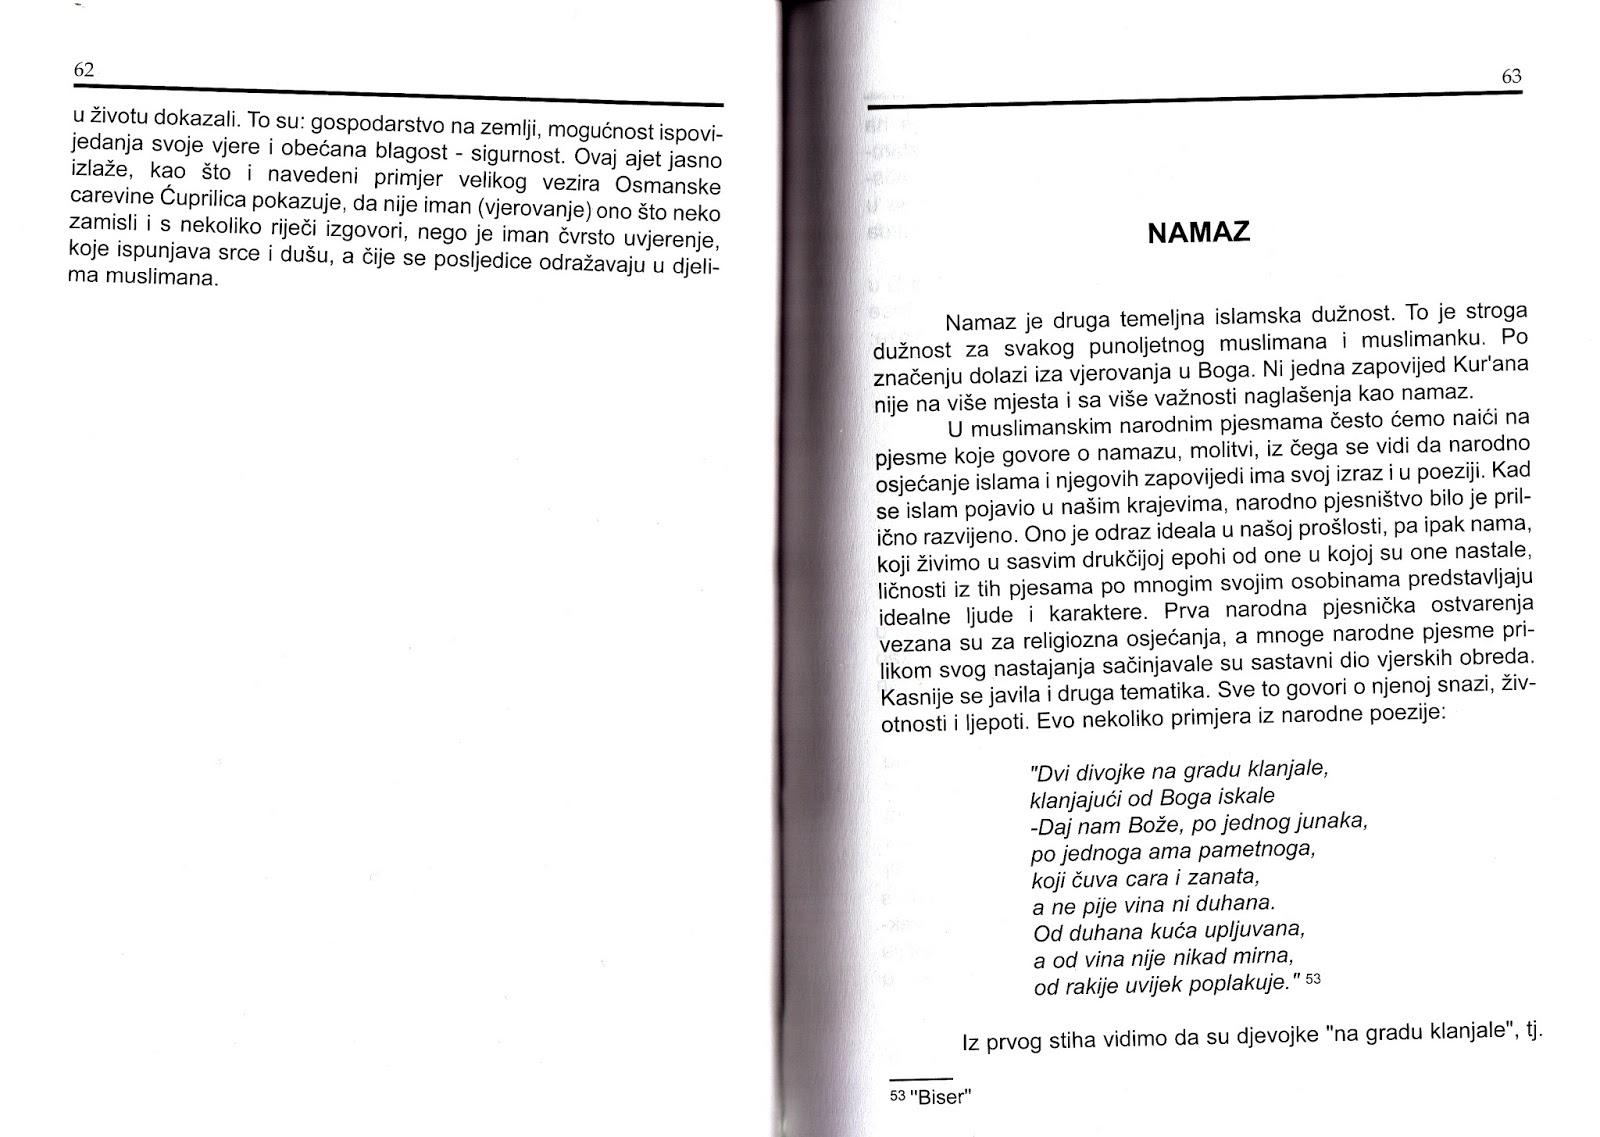 sevdalinke  hivzija suljki u0107  ezan  u narodnoj pjesmi   u  islam u bo u0161nja u010dkoj narodnoj poeziji